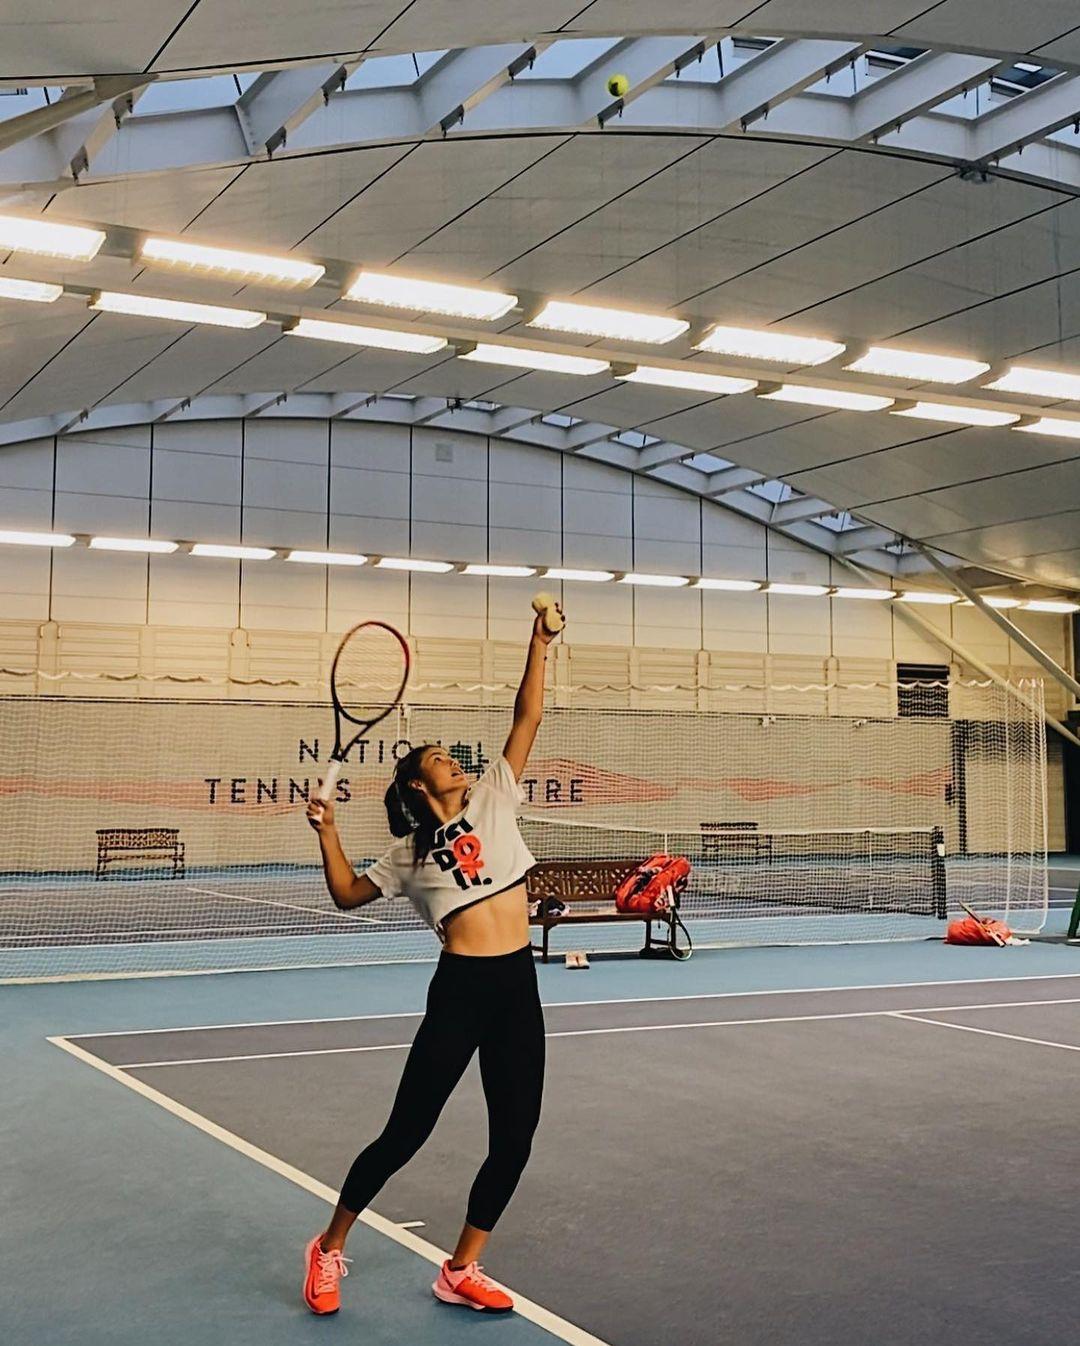 tay vợt 18 tuổi trên sân tập